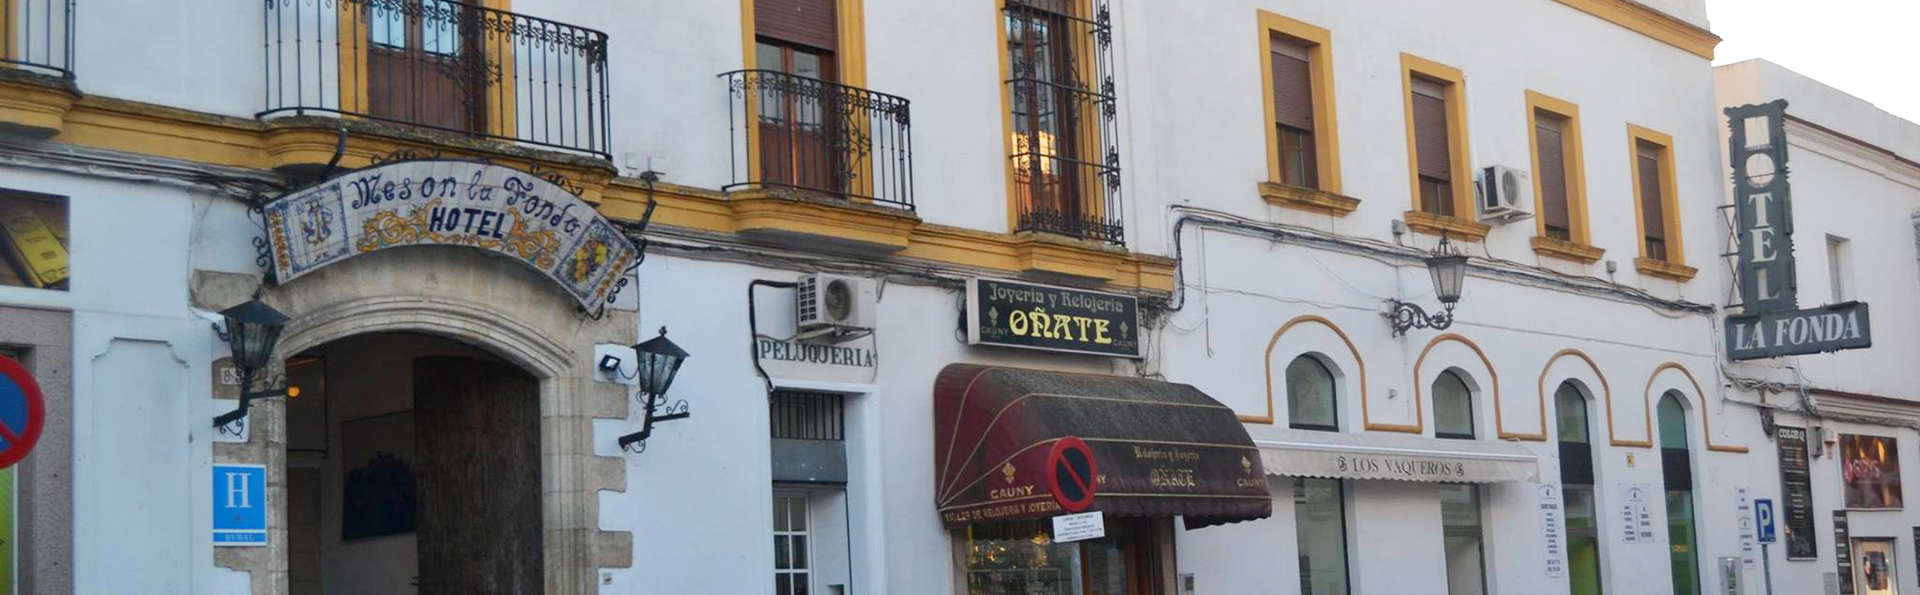 Hotel La Fonda del Califa - edit_facade1.jpg